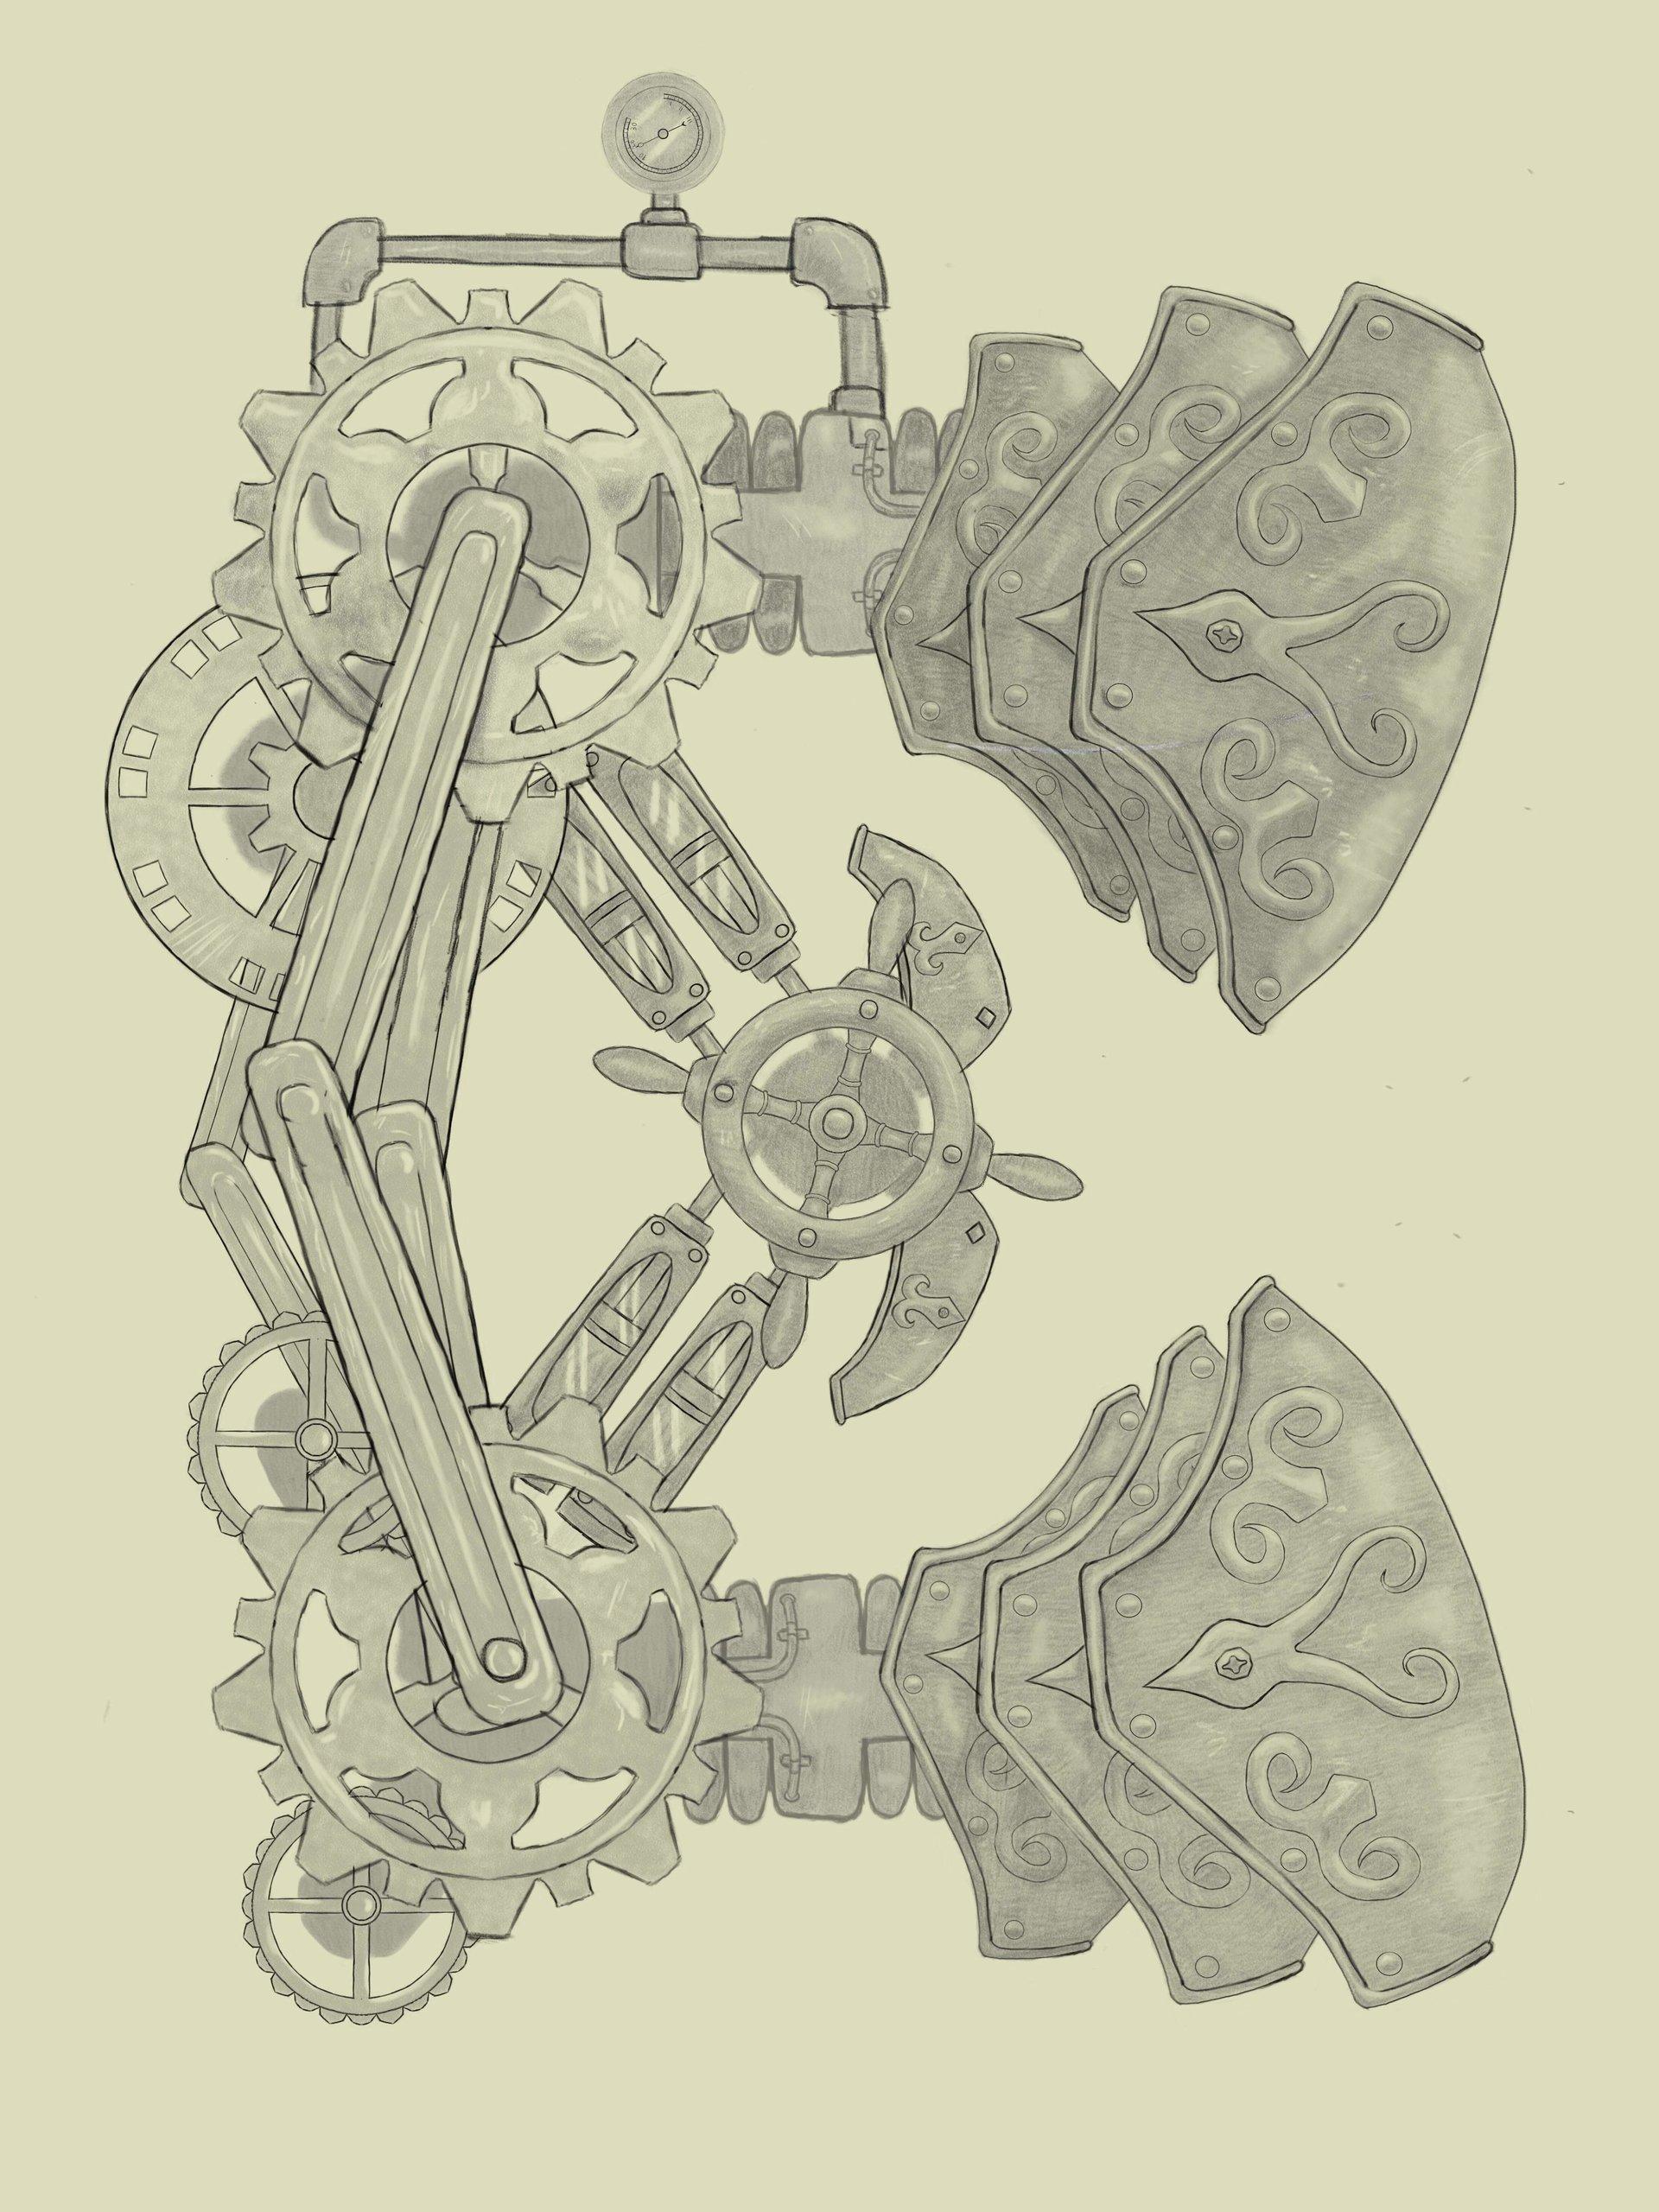 Emanuel pineiro letra steampunk 2